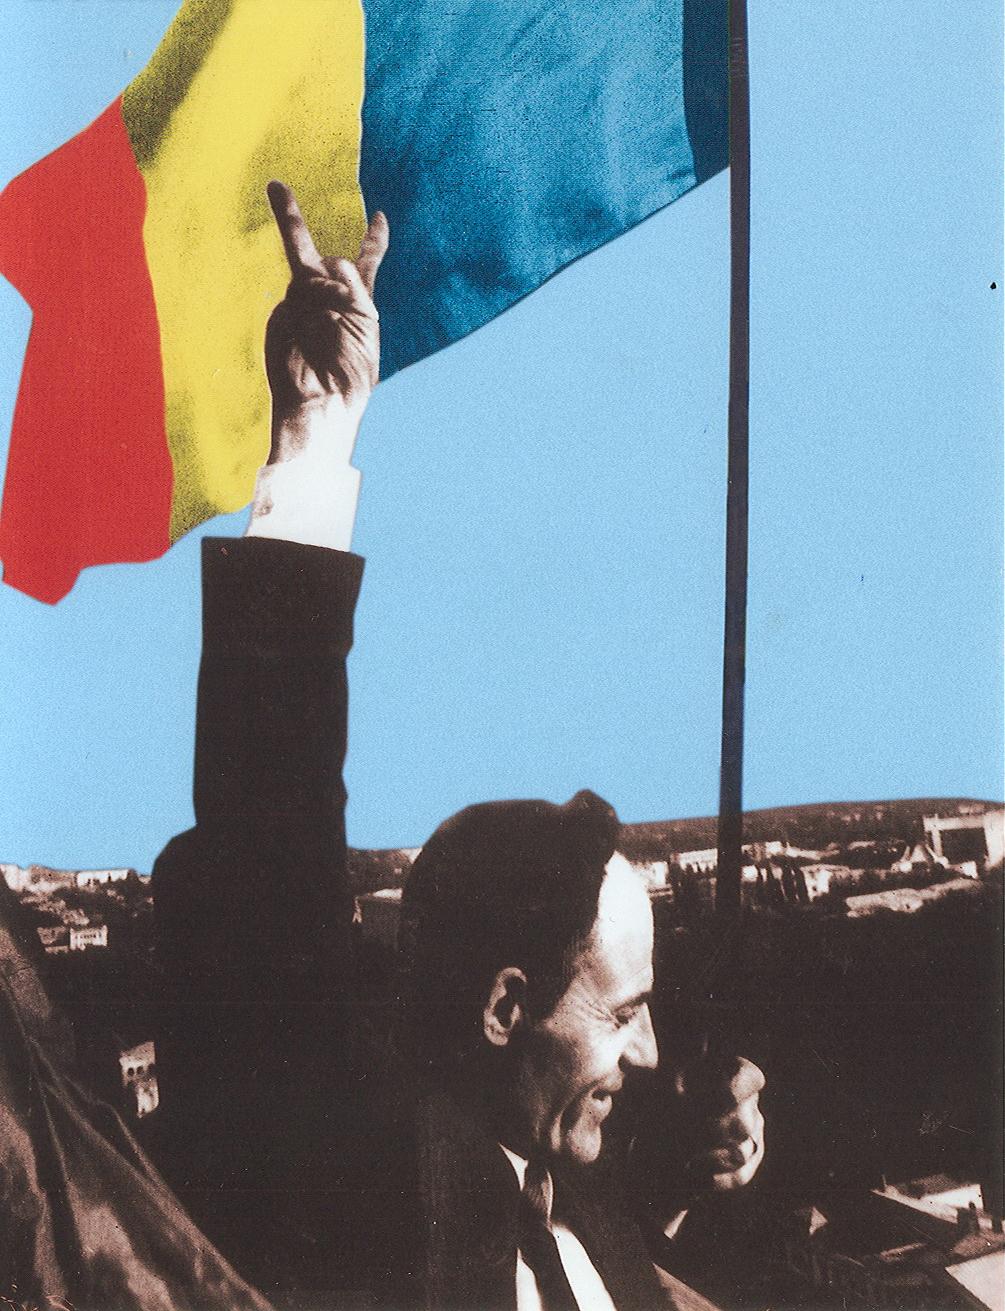 Gheorghe Ghimpu, Dissident und Mitbegründer der Volksfront Moldawiens, hisst die rumänische Flagge auf dem Parlamentsgebäude (27. April 1990)